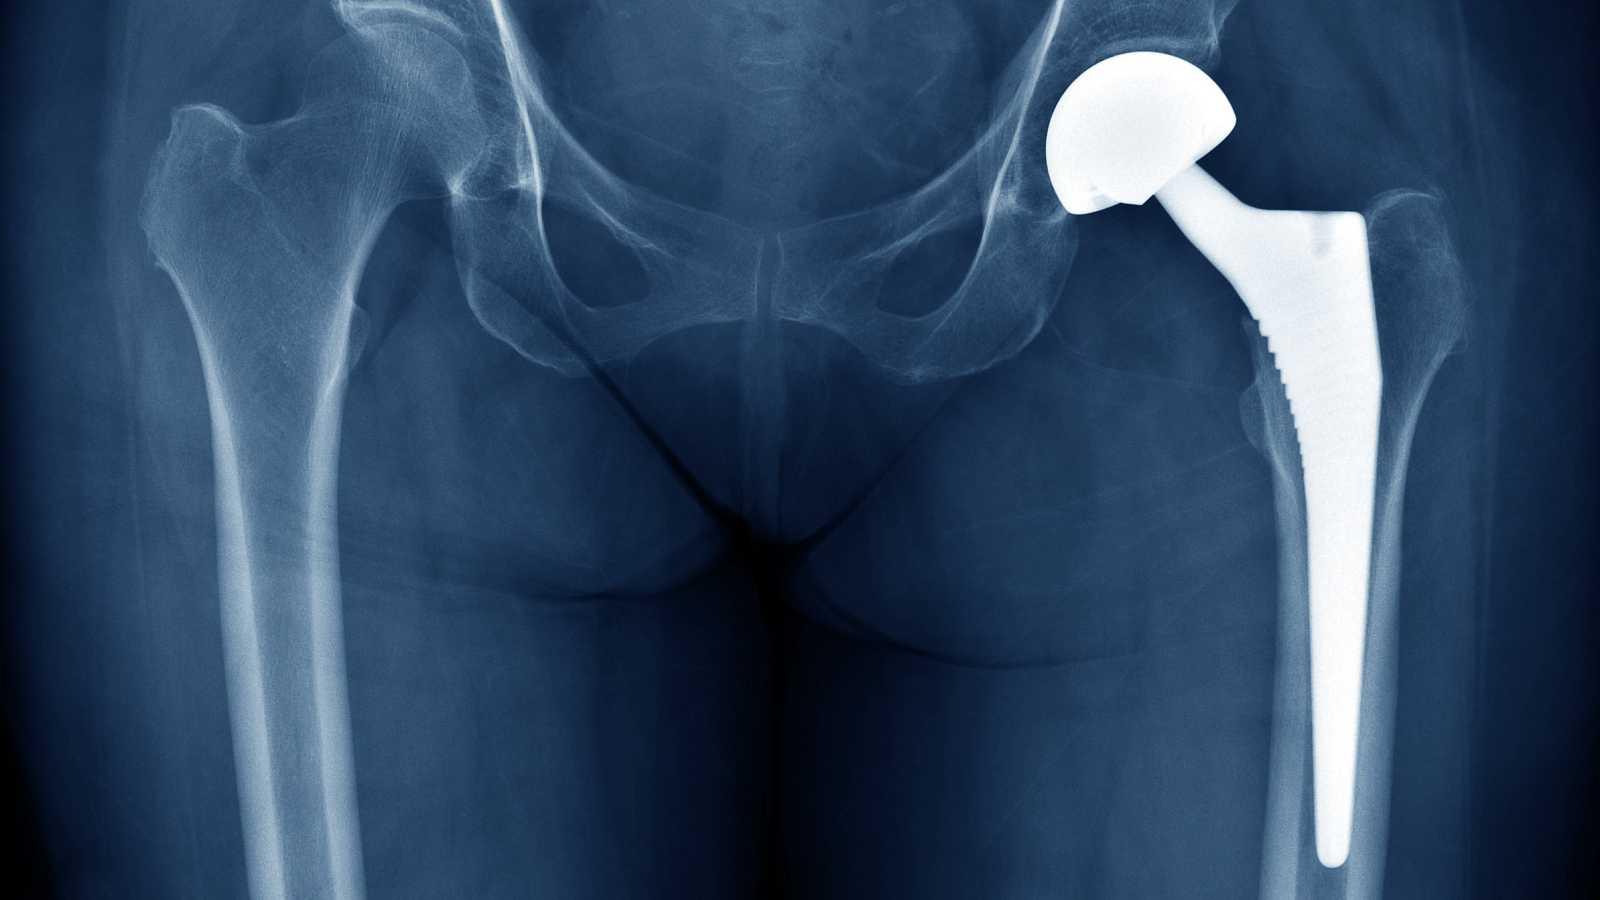 La Audiencia Nacional está investigando a la farmacéutica estadounidense Johnson & Johnson por comercializar presuntamente prótesis de cadera defectuosas que han sido implantadas en varios países, entre ellos España, donde hay 1.471 afectados. Las pr